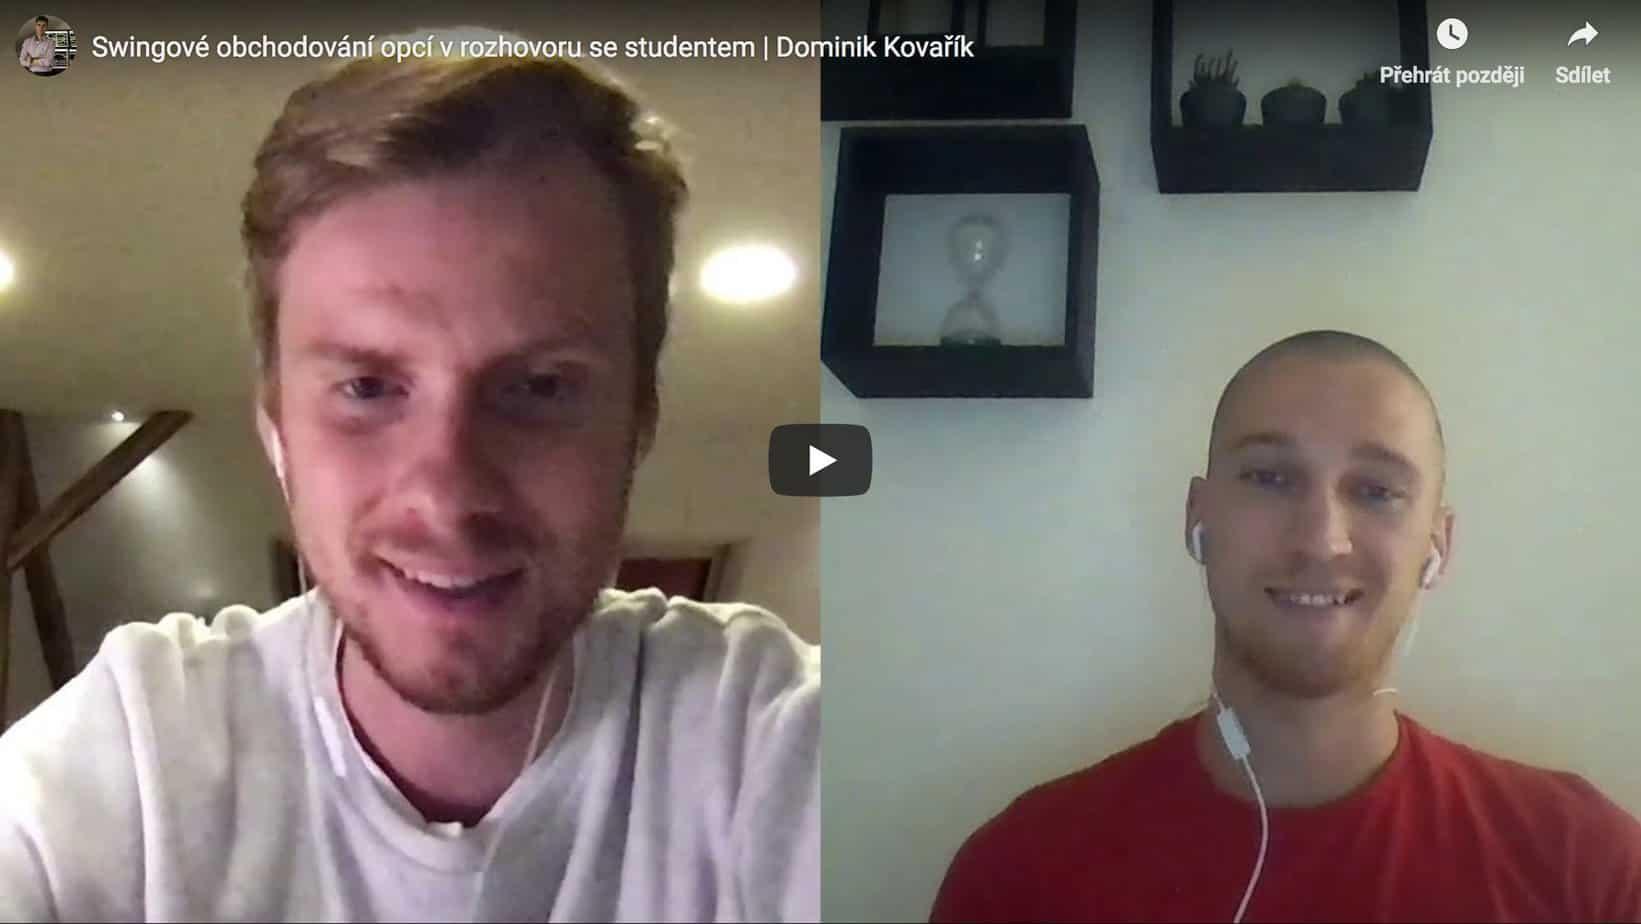 Swingové obchodování opcí v rozhovoru se studentem SpreadMaster tréninku